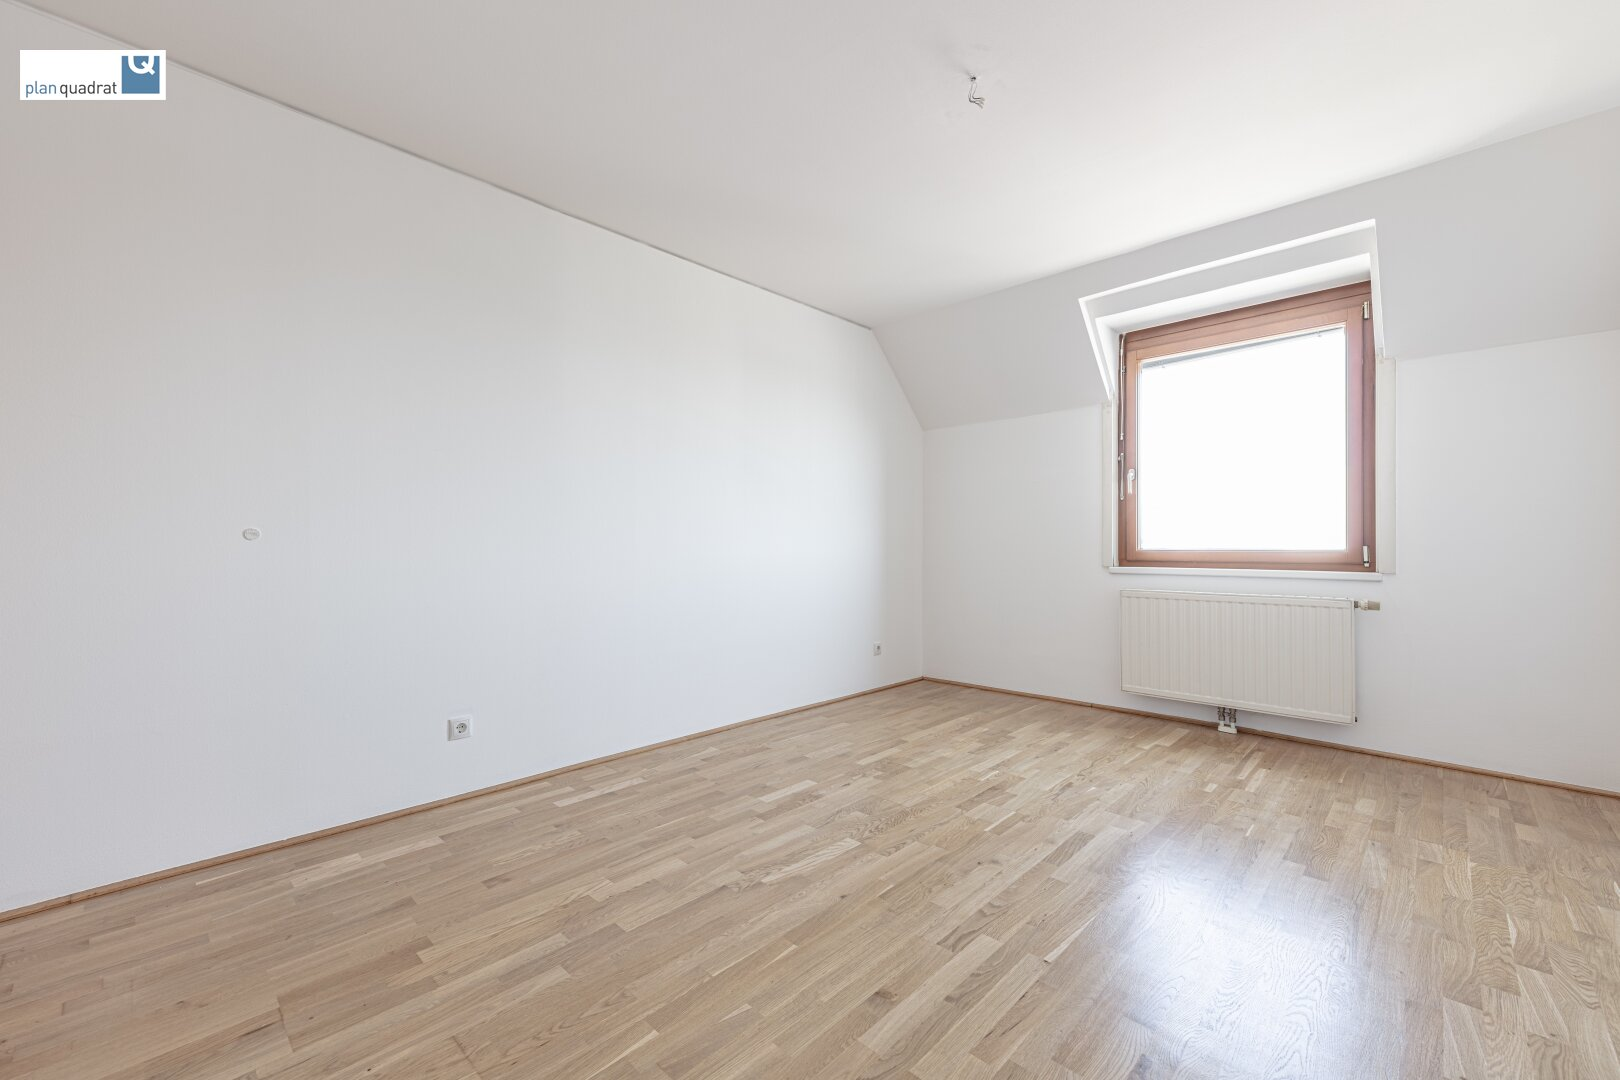 Schlafzimmer (ca. 15,70 m²) auf Wohnebene 1